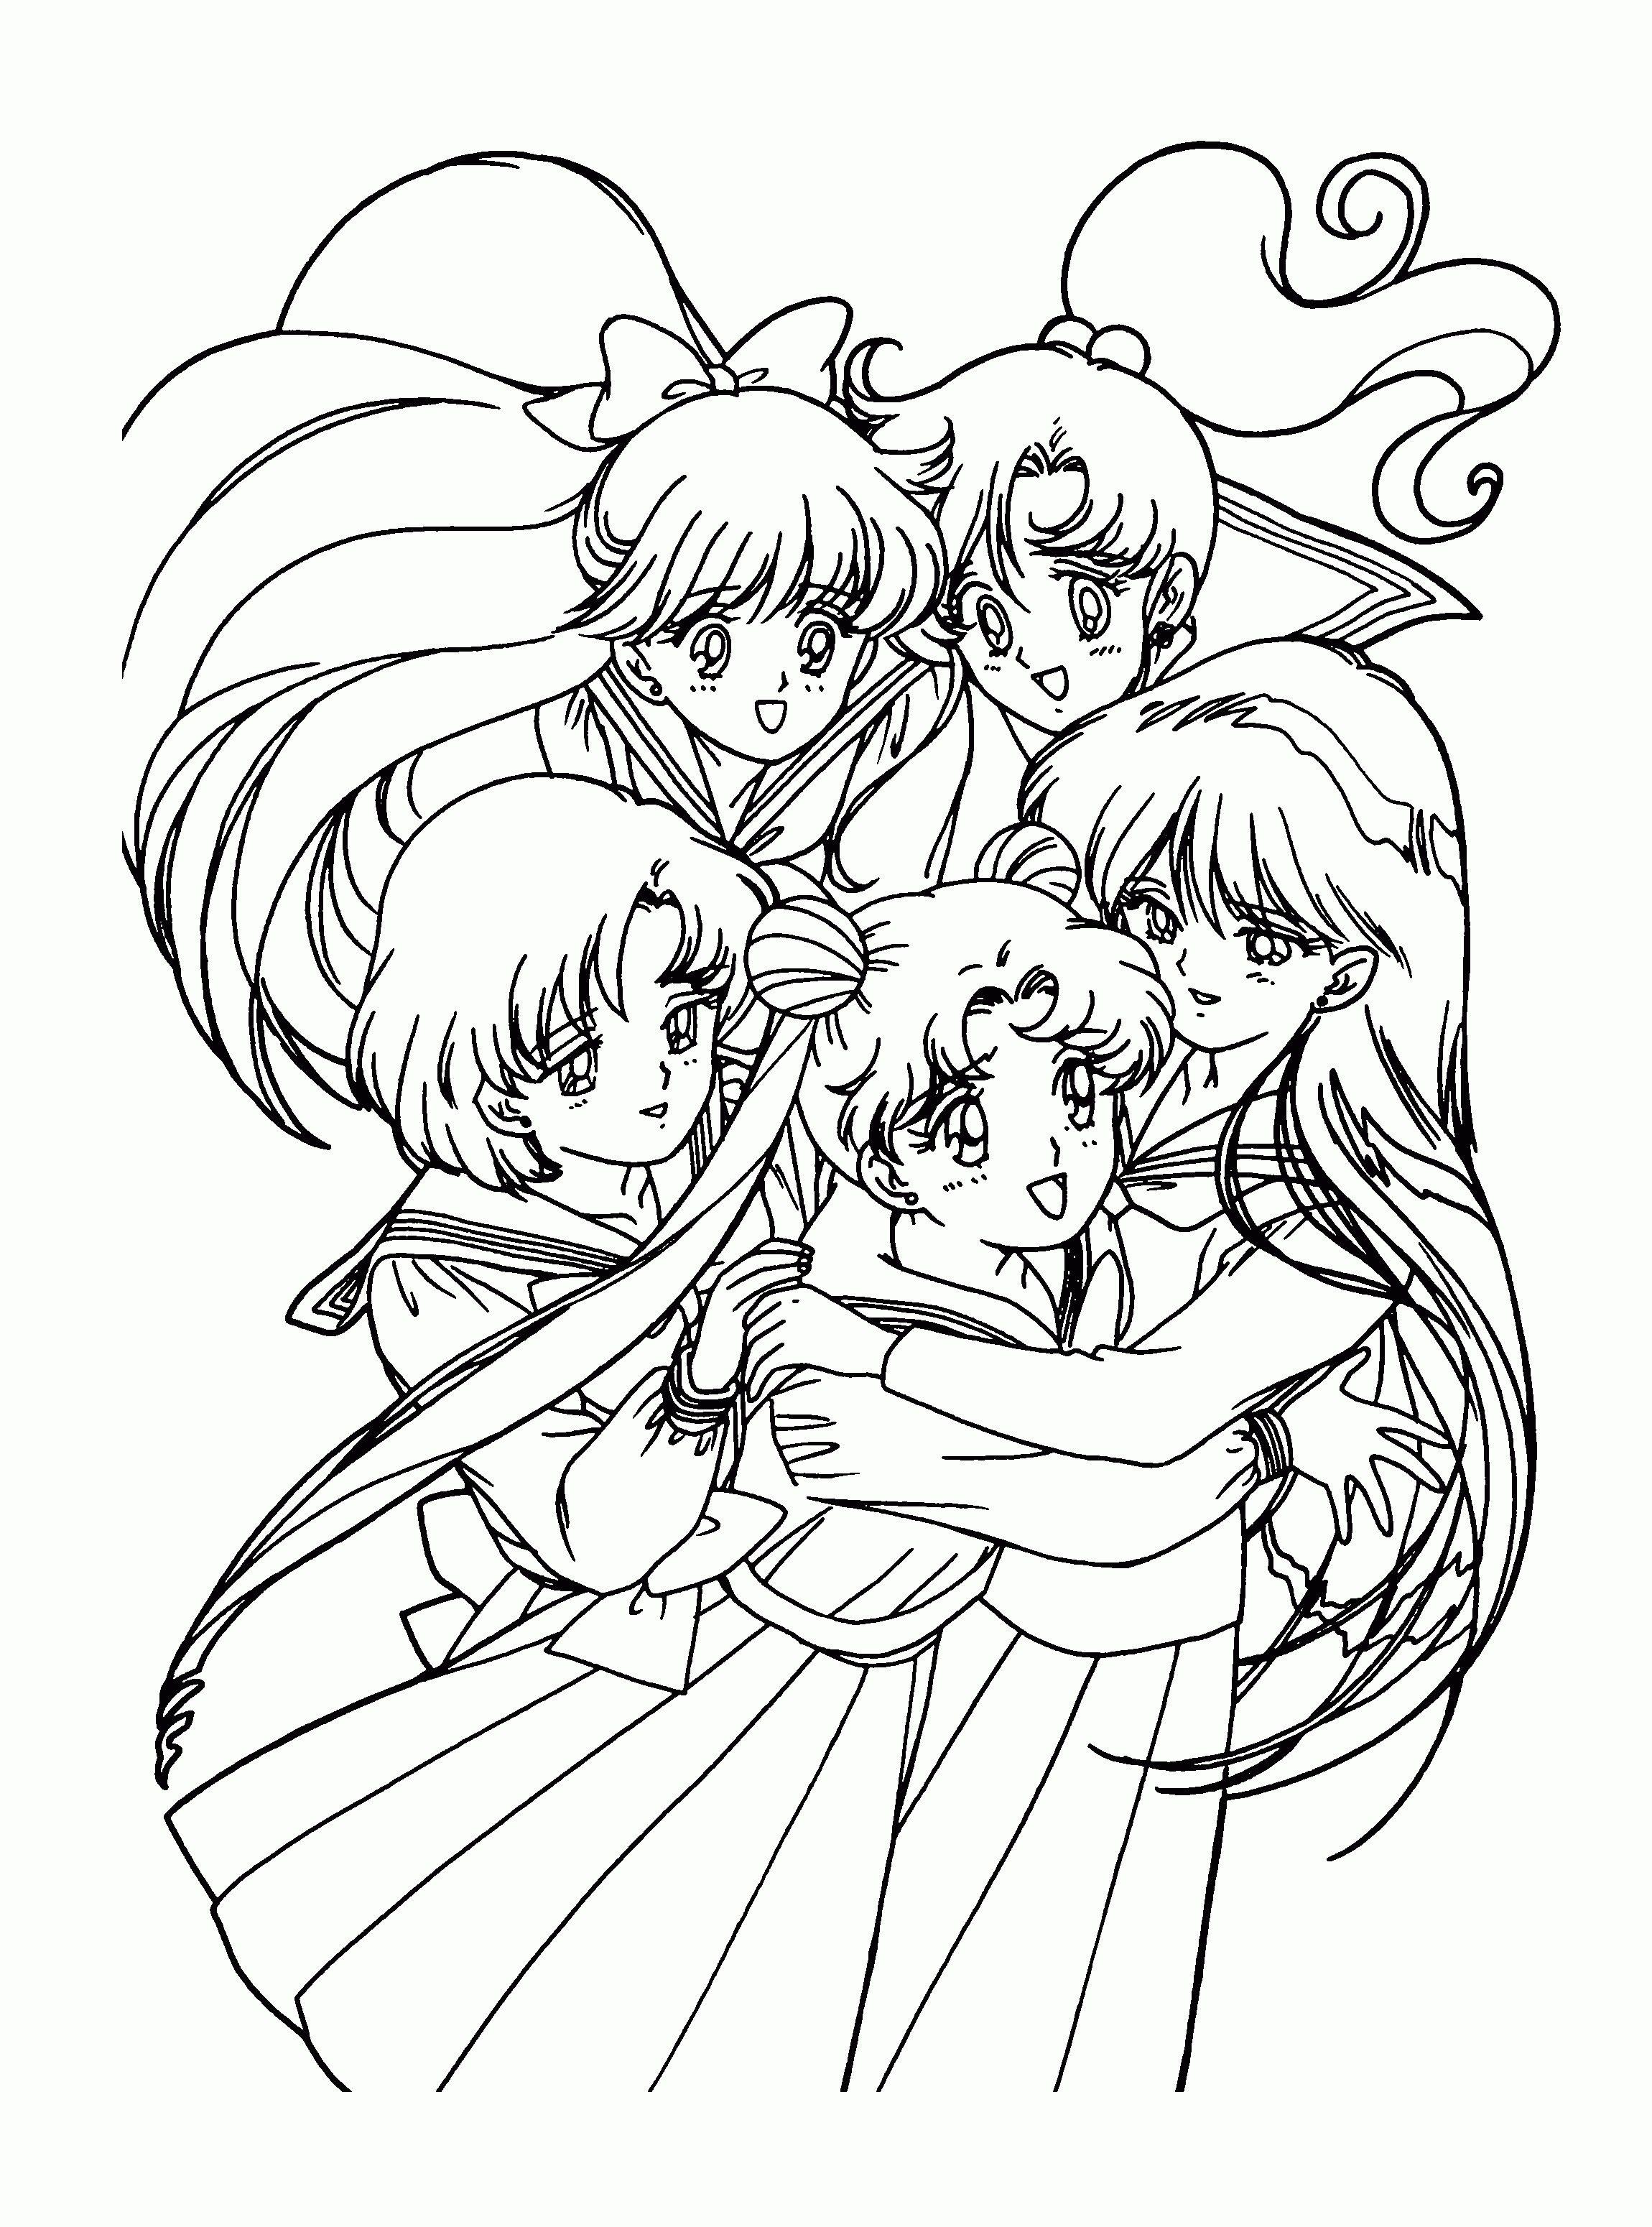 Einzigartig Malvorlagen Anime #Malvorlagen #MalvorlagenfürKinder